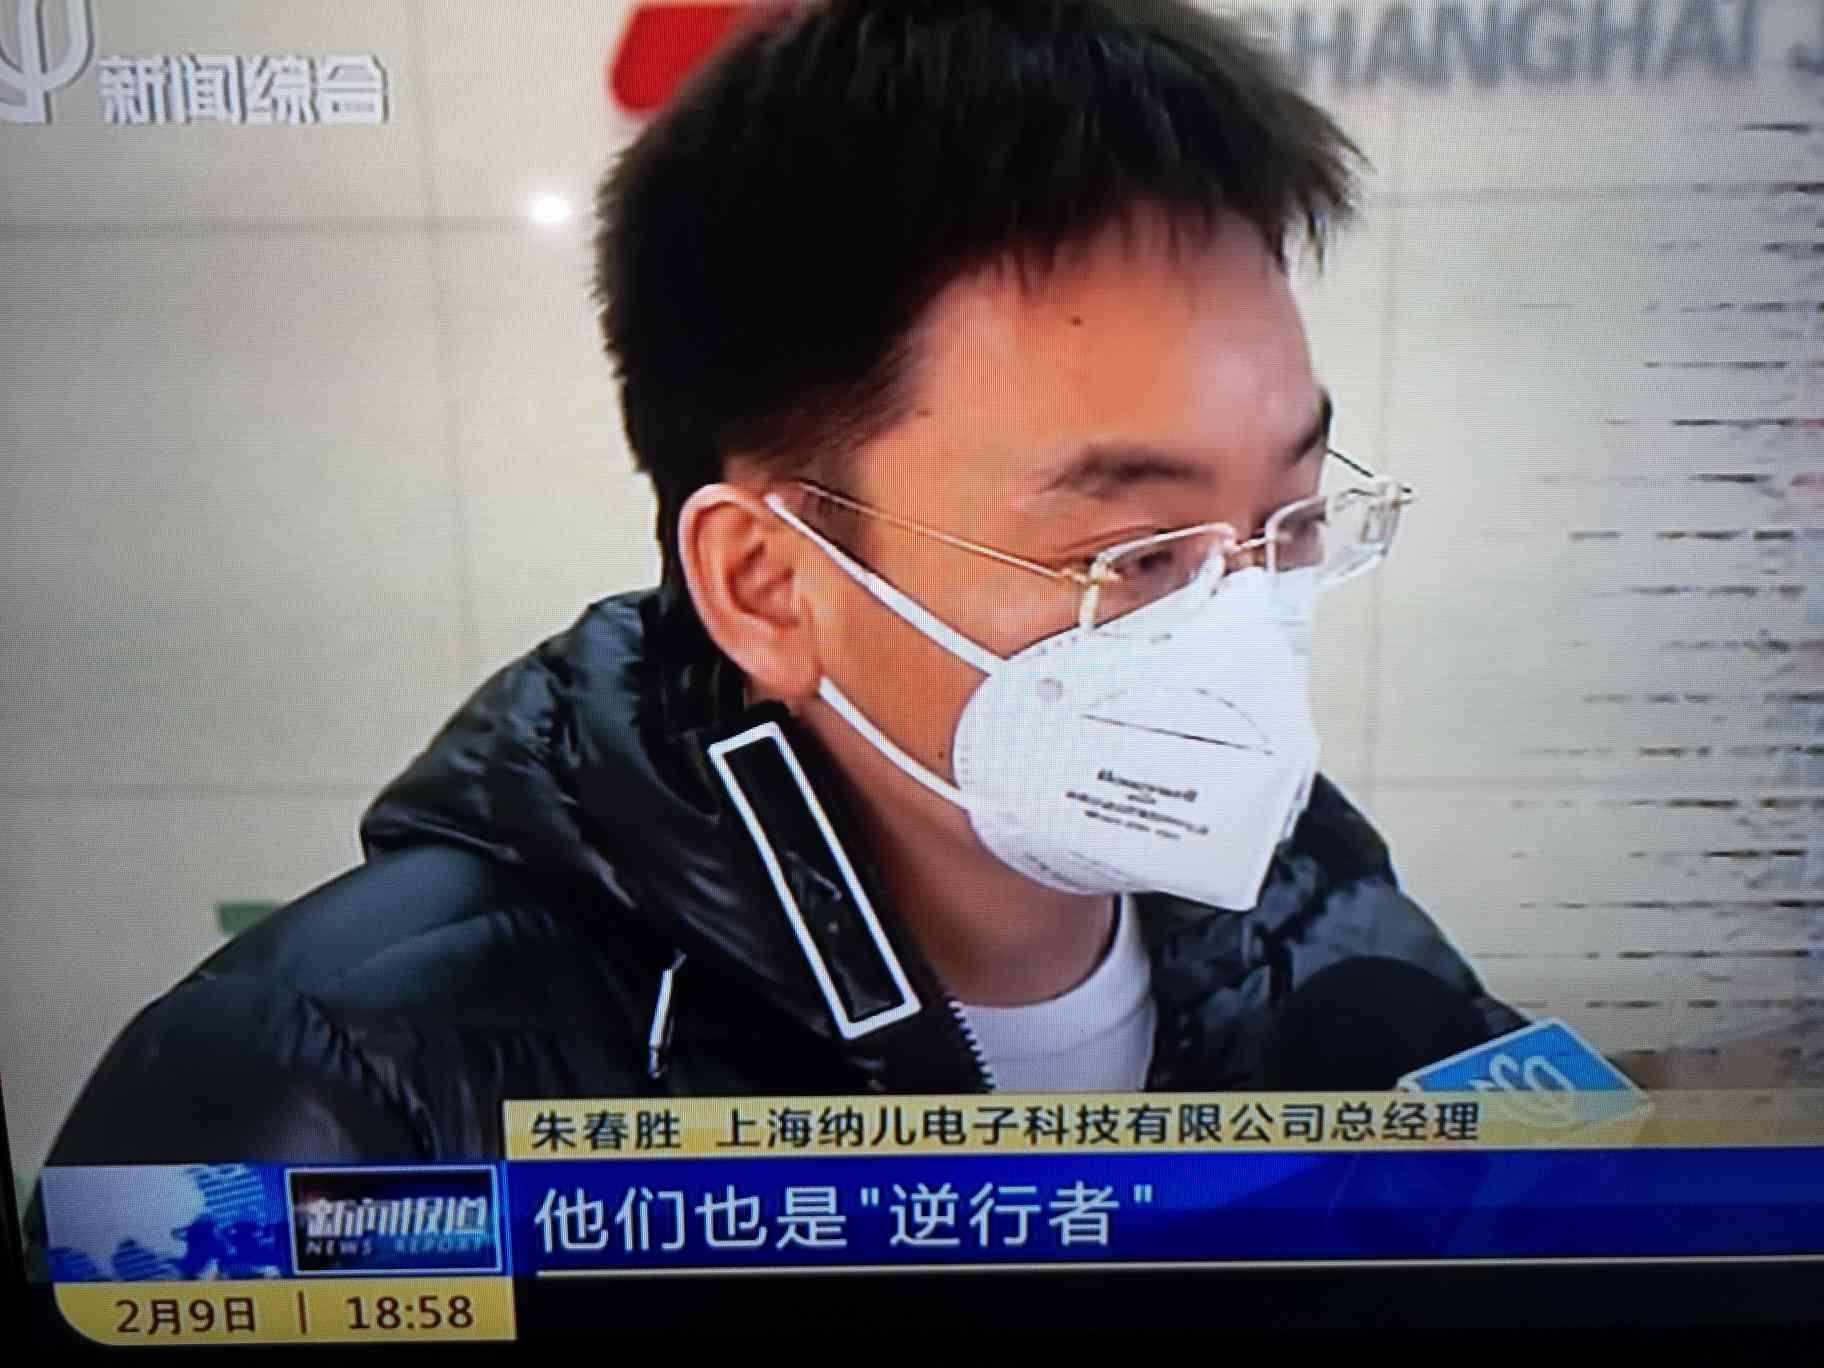 【上海民建】六次捐献物资 守护公交一线——静安民建会员朱春胜